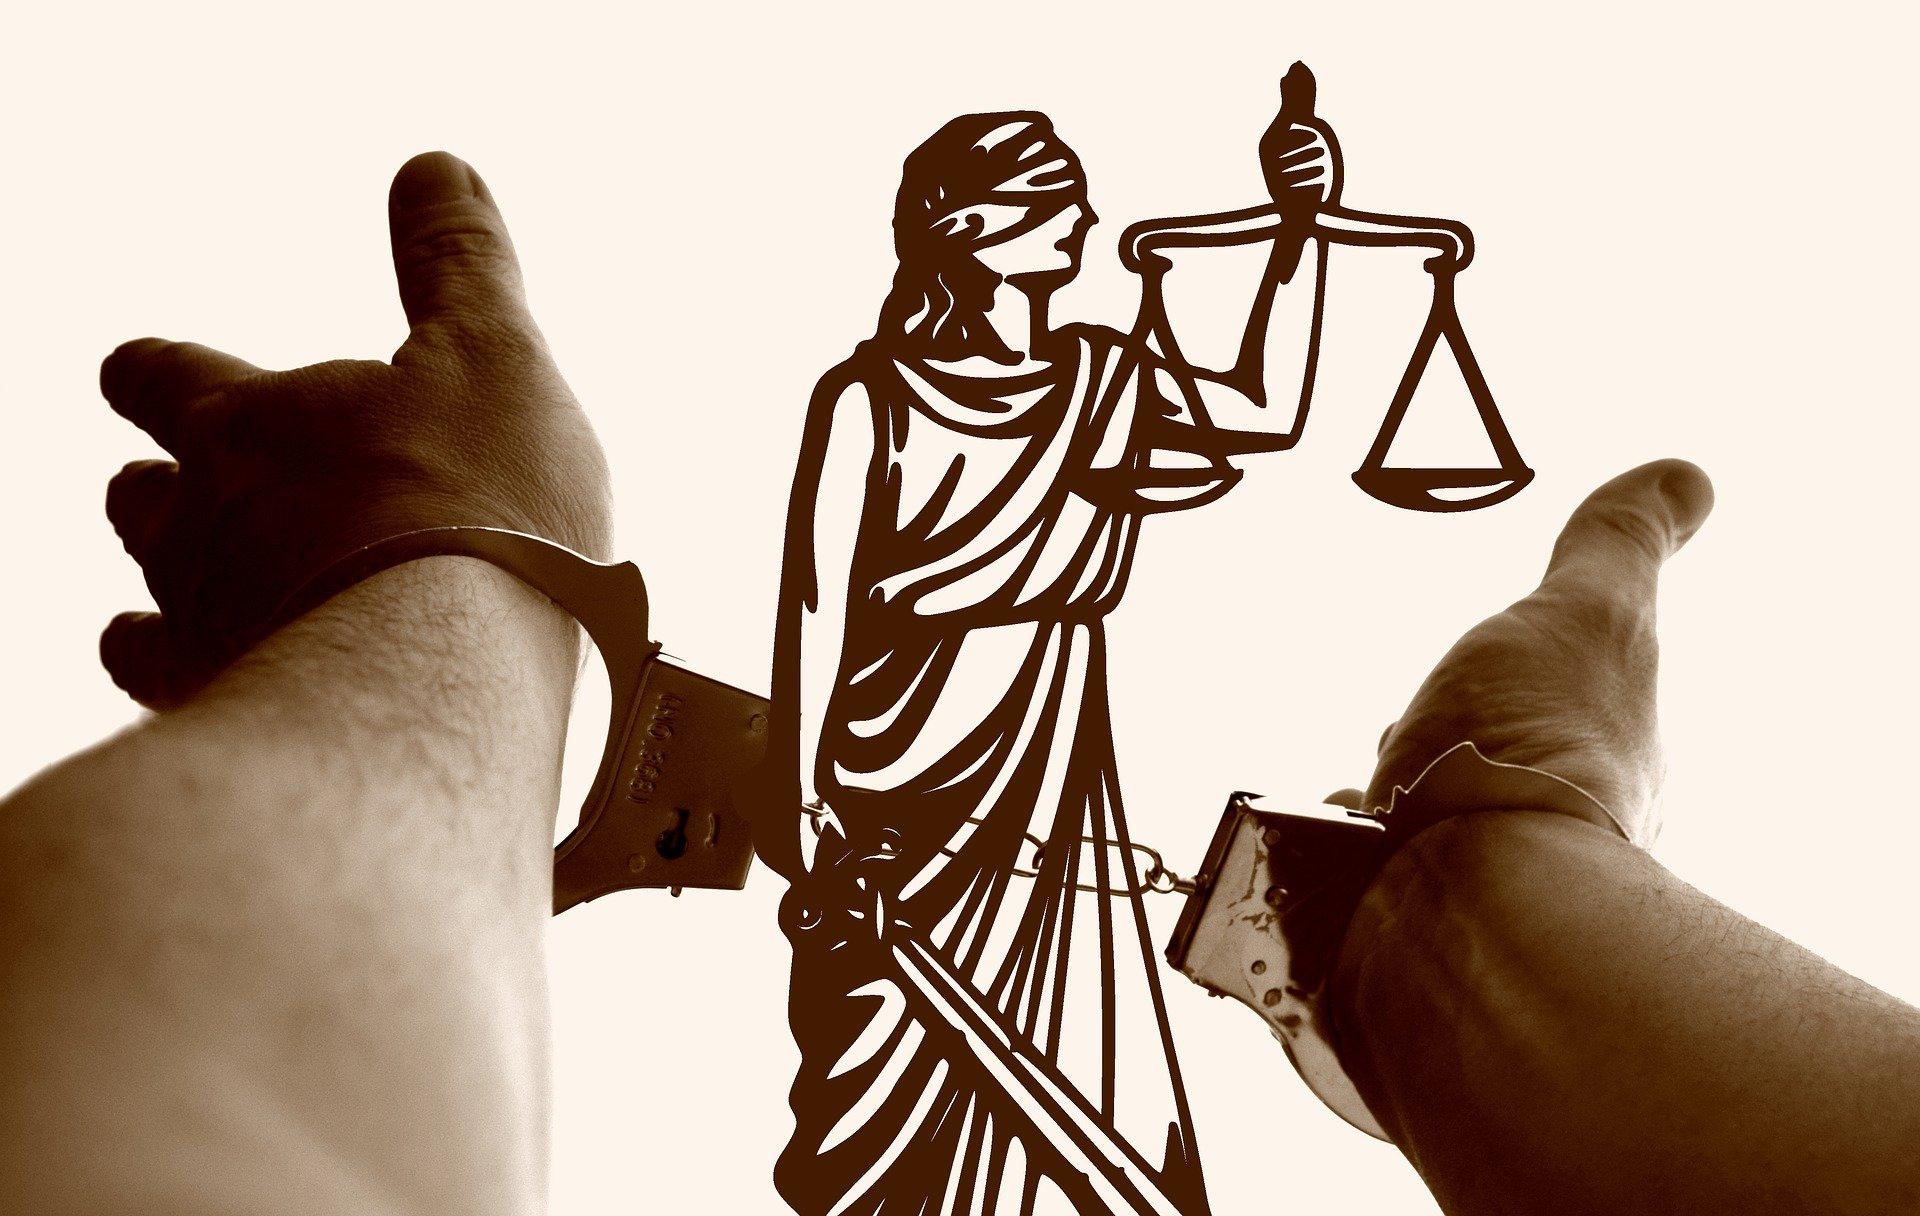 Verdachten voortaan verplicht aanwezig in rechtszaal: 'slechte zaak' - Mr. online